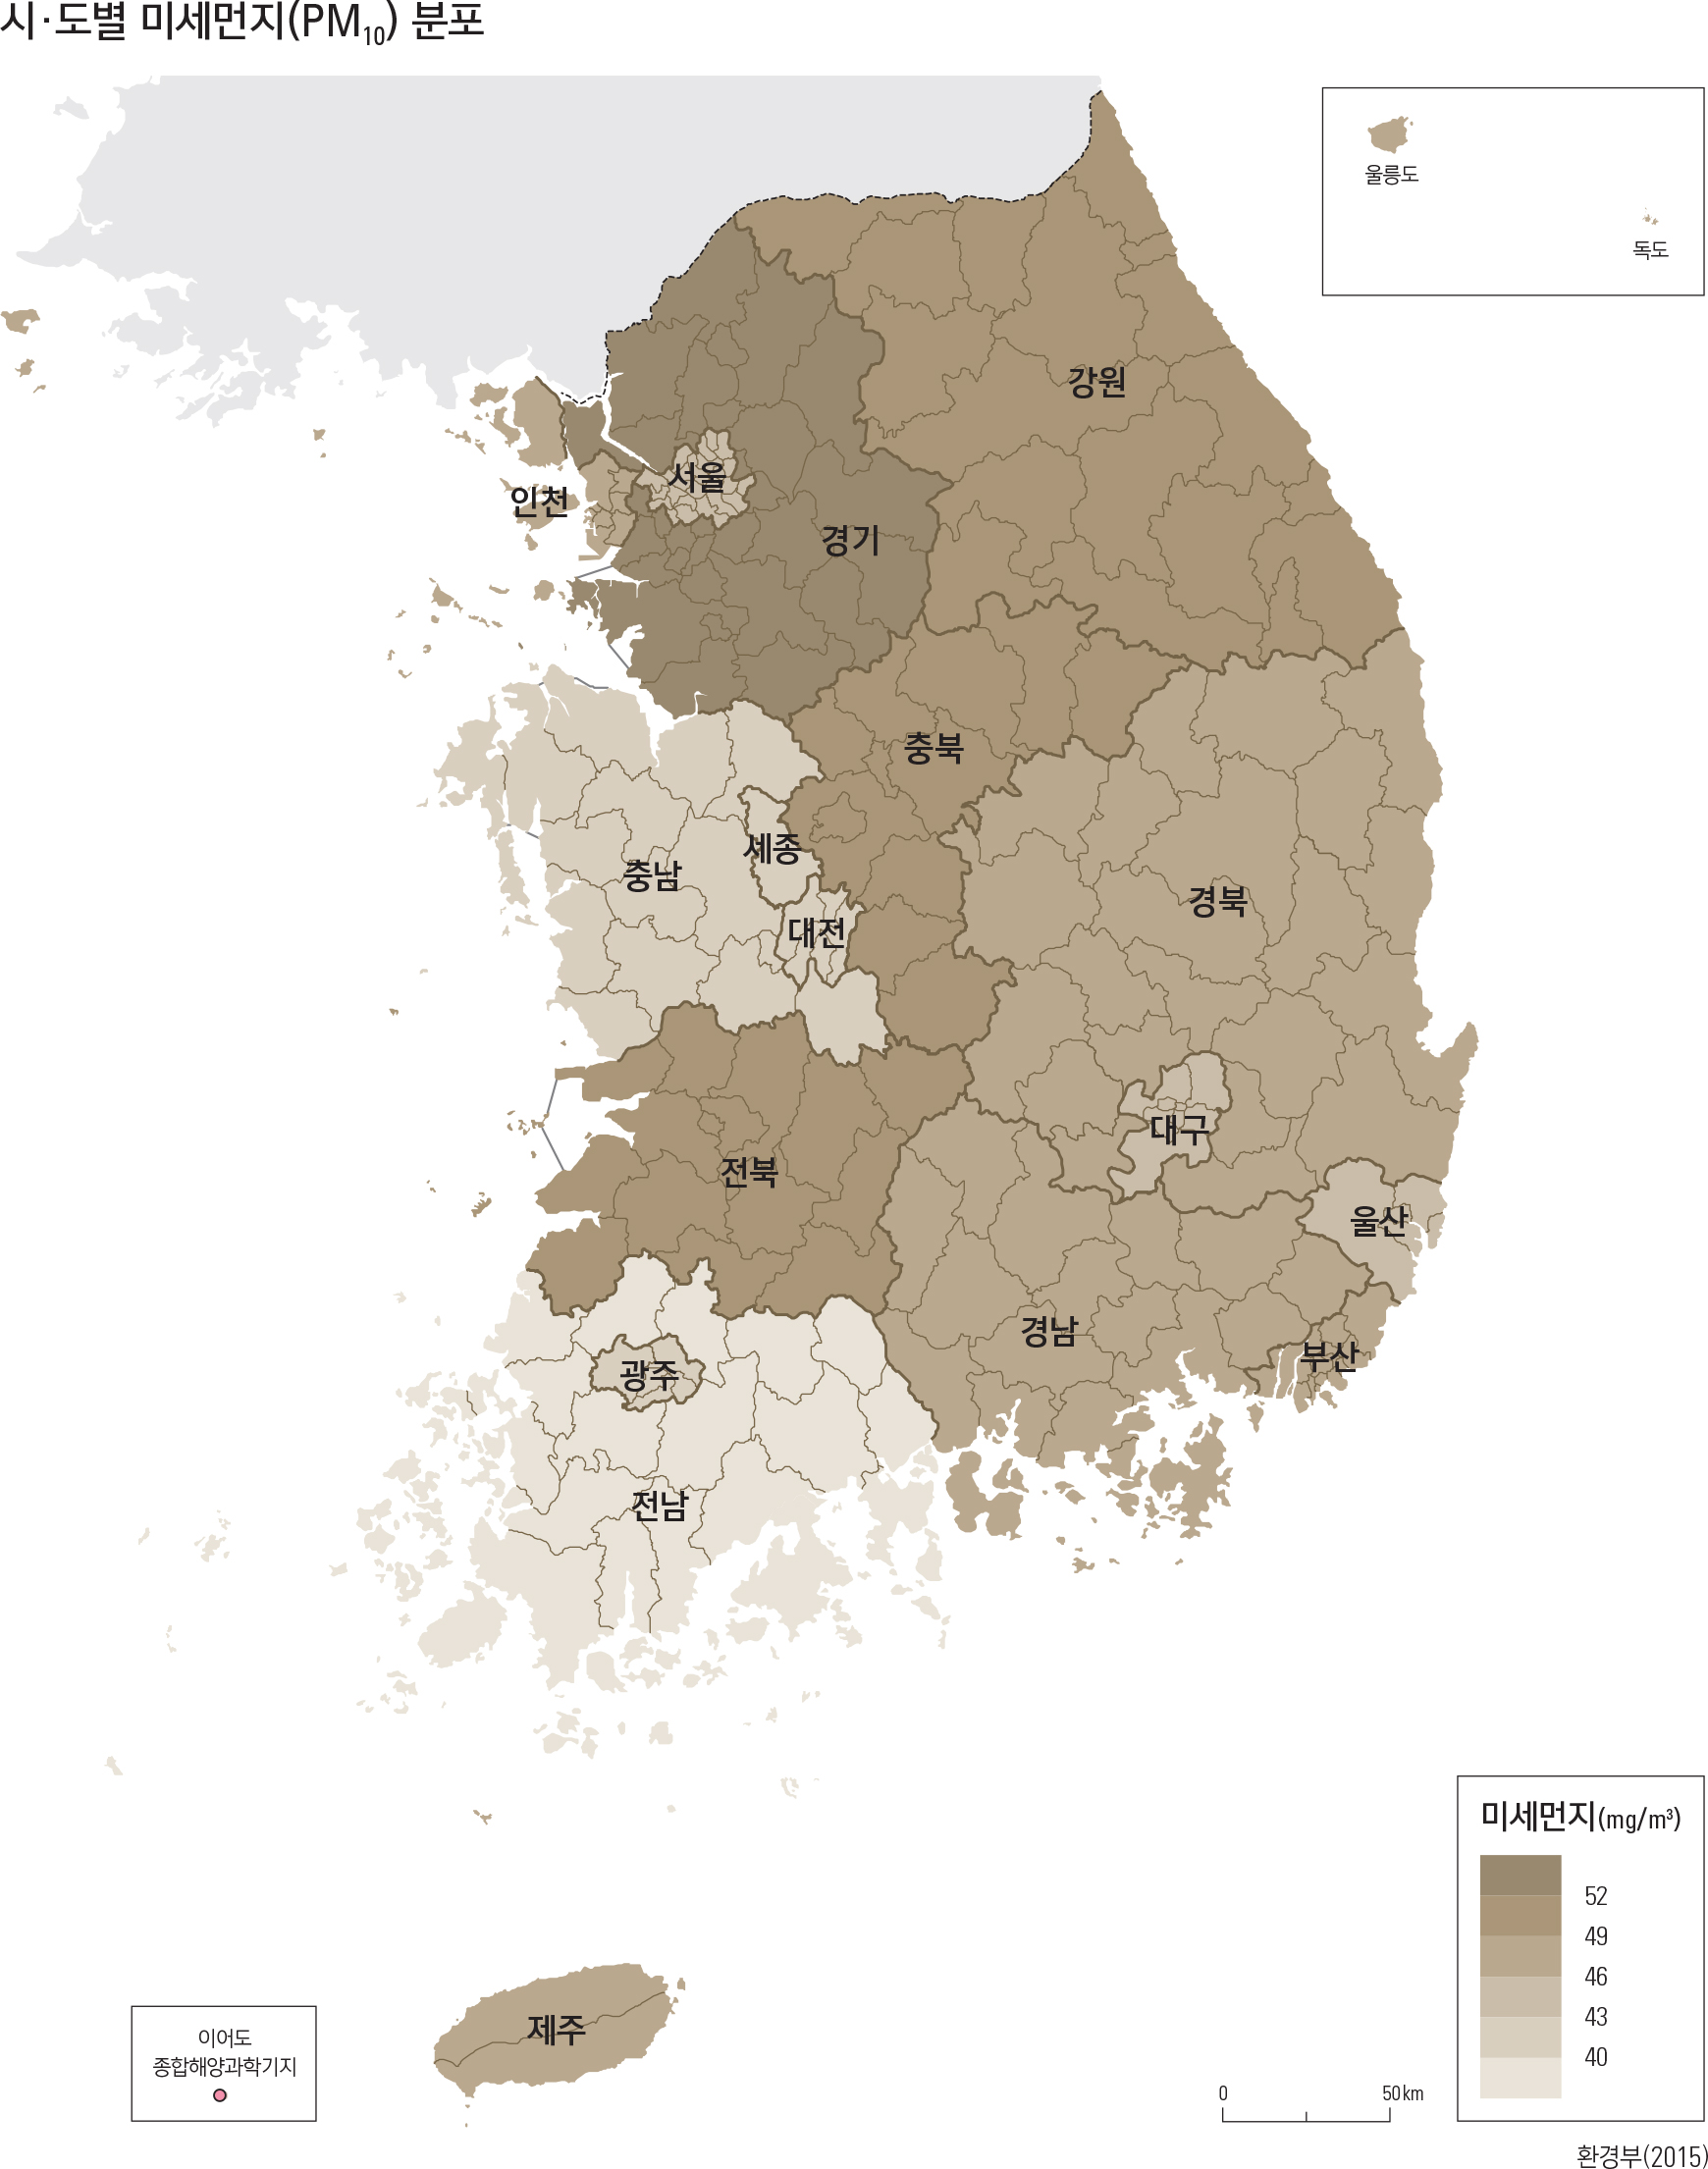 시·도별 미세먼지(PM10) 분포